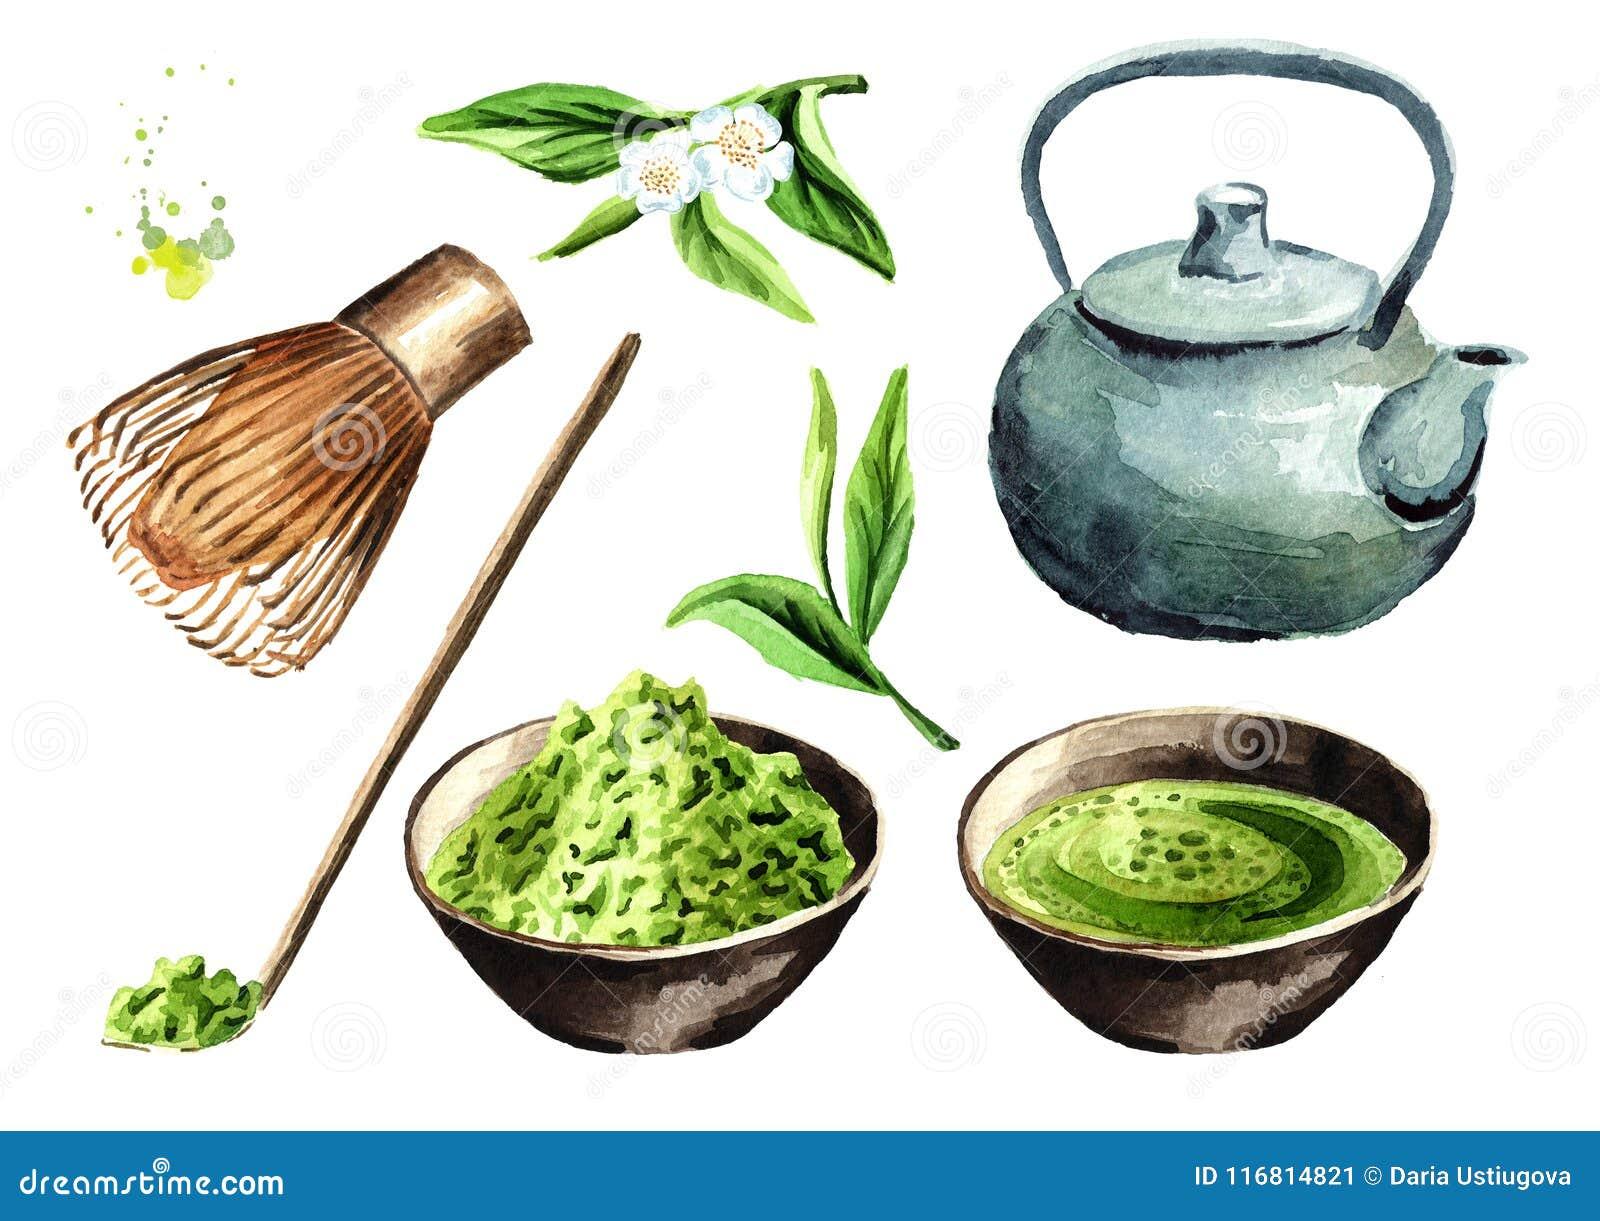 Insieme di cerimonia di tè La polvere di Matcha, la teiera, tazza del matcha verde organico tradizionale, bambù sbatte, cucchiaio